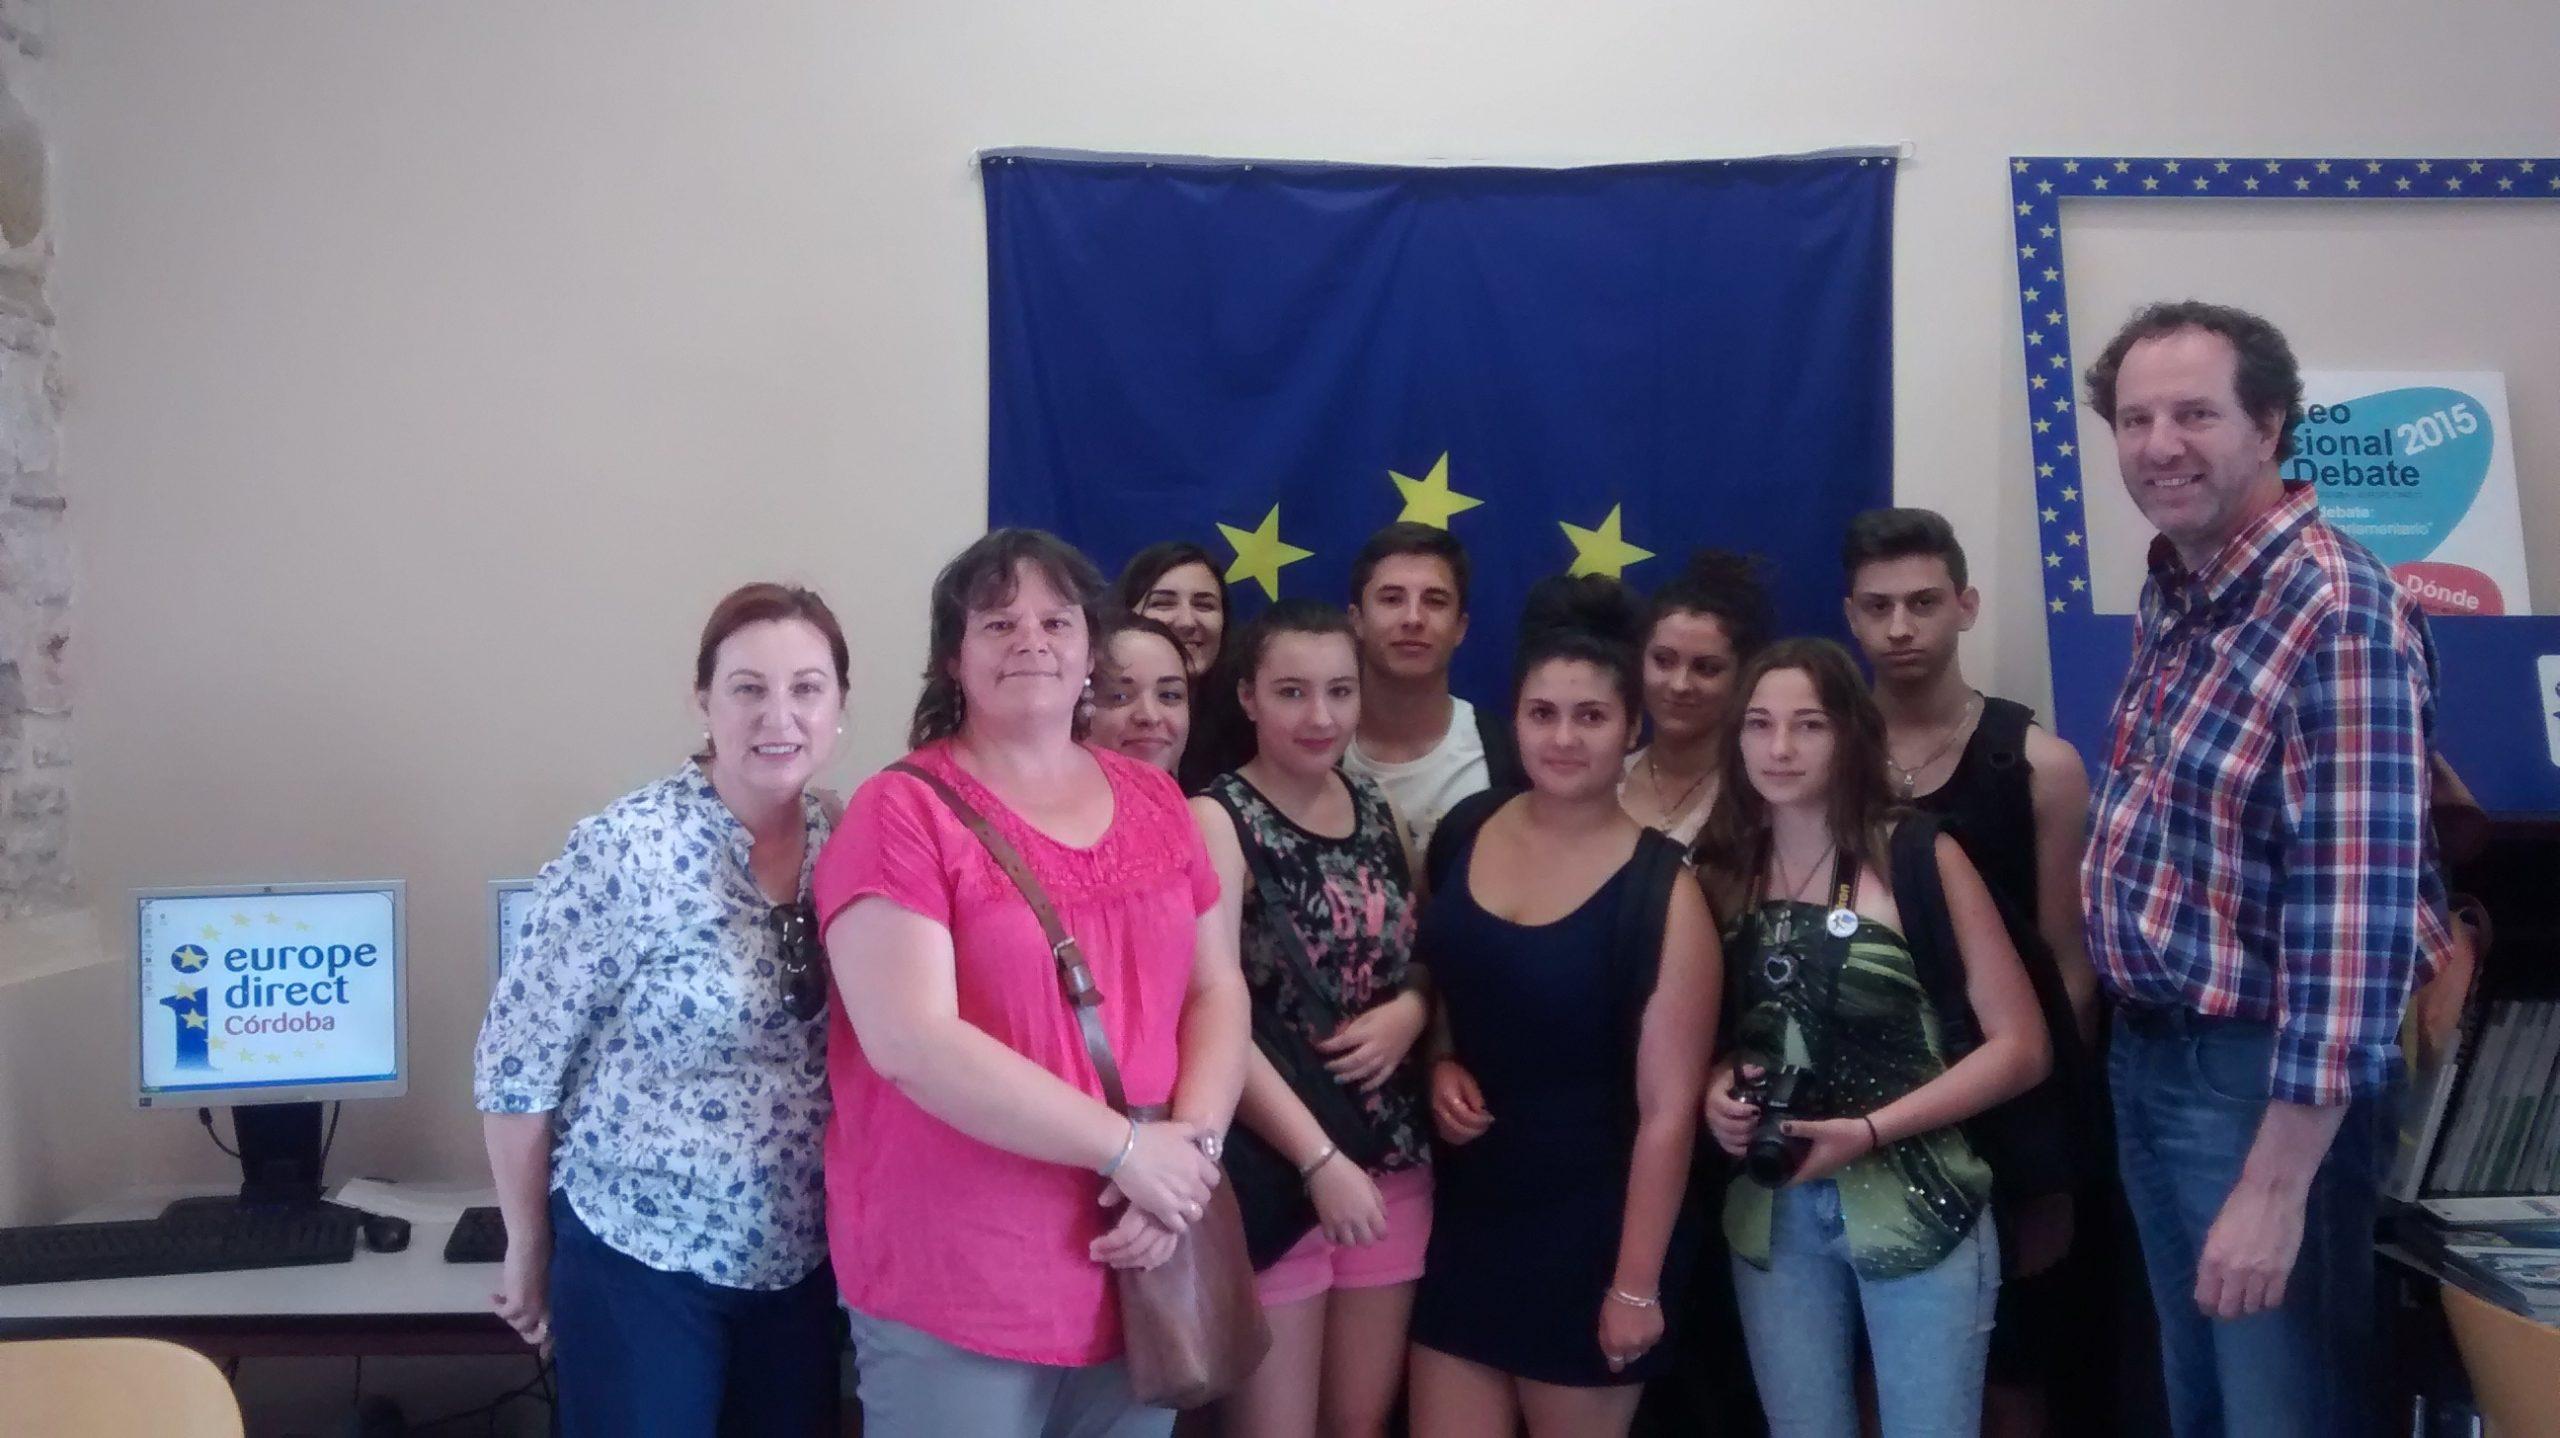 Día De Europa 2015, lunes 11 de mayo  nos visitaron alumnos del IES Philippe Lamour de Nimes (Francia).